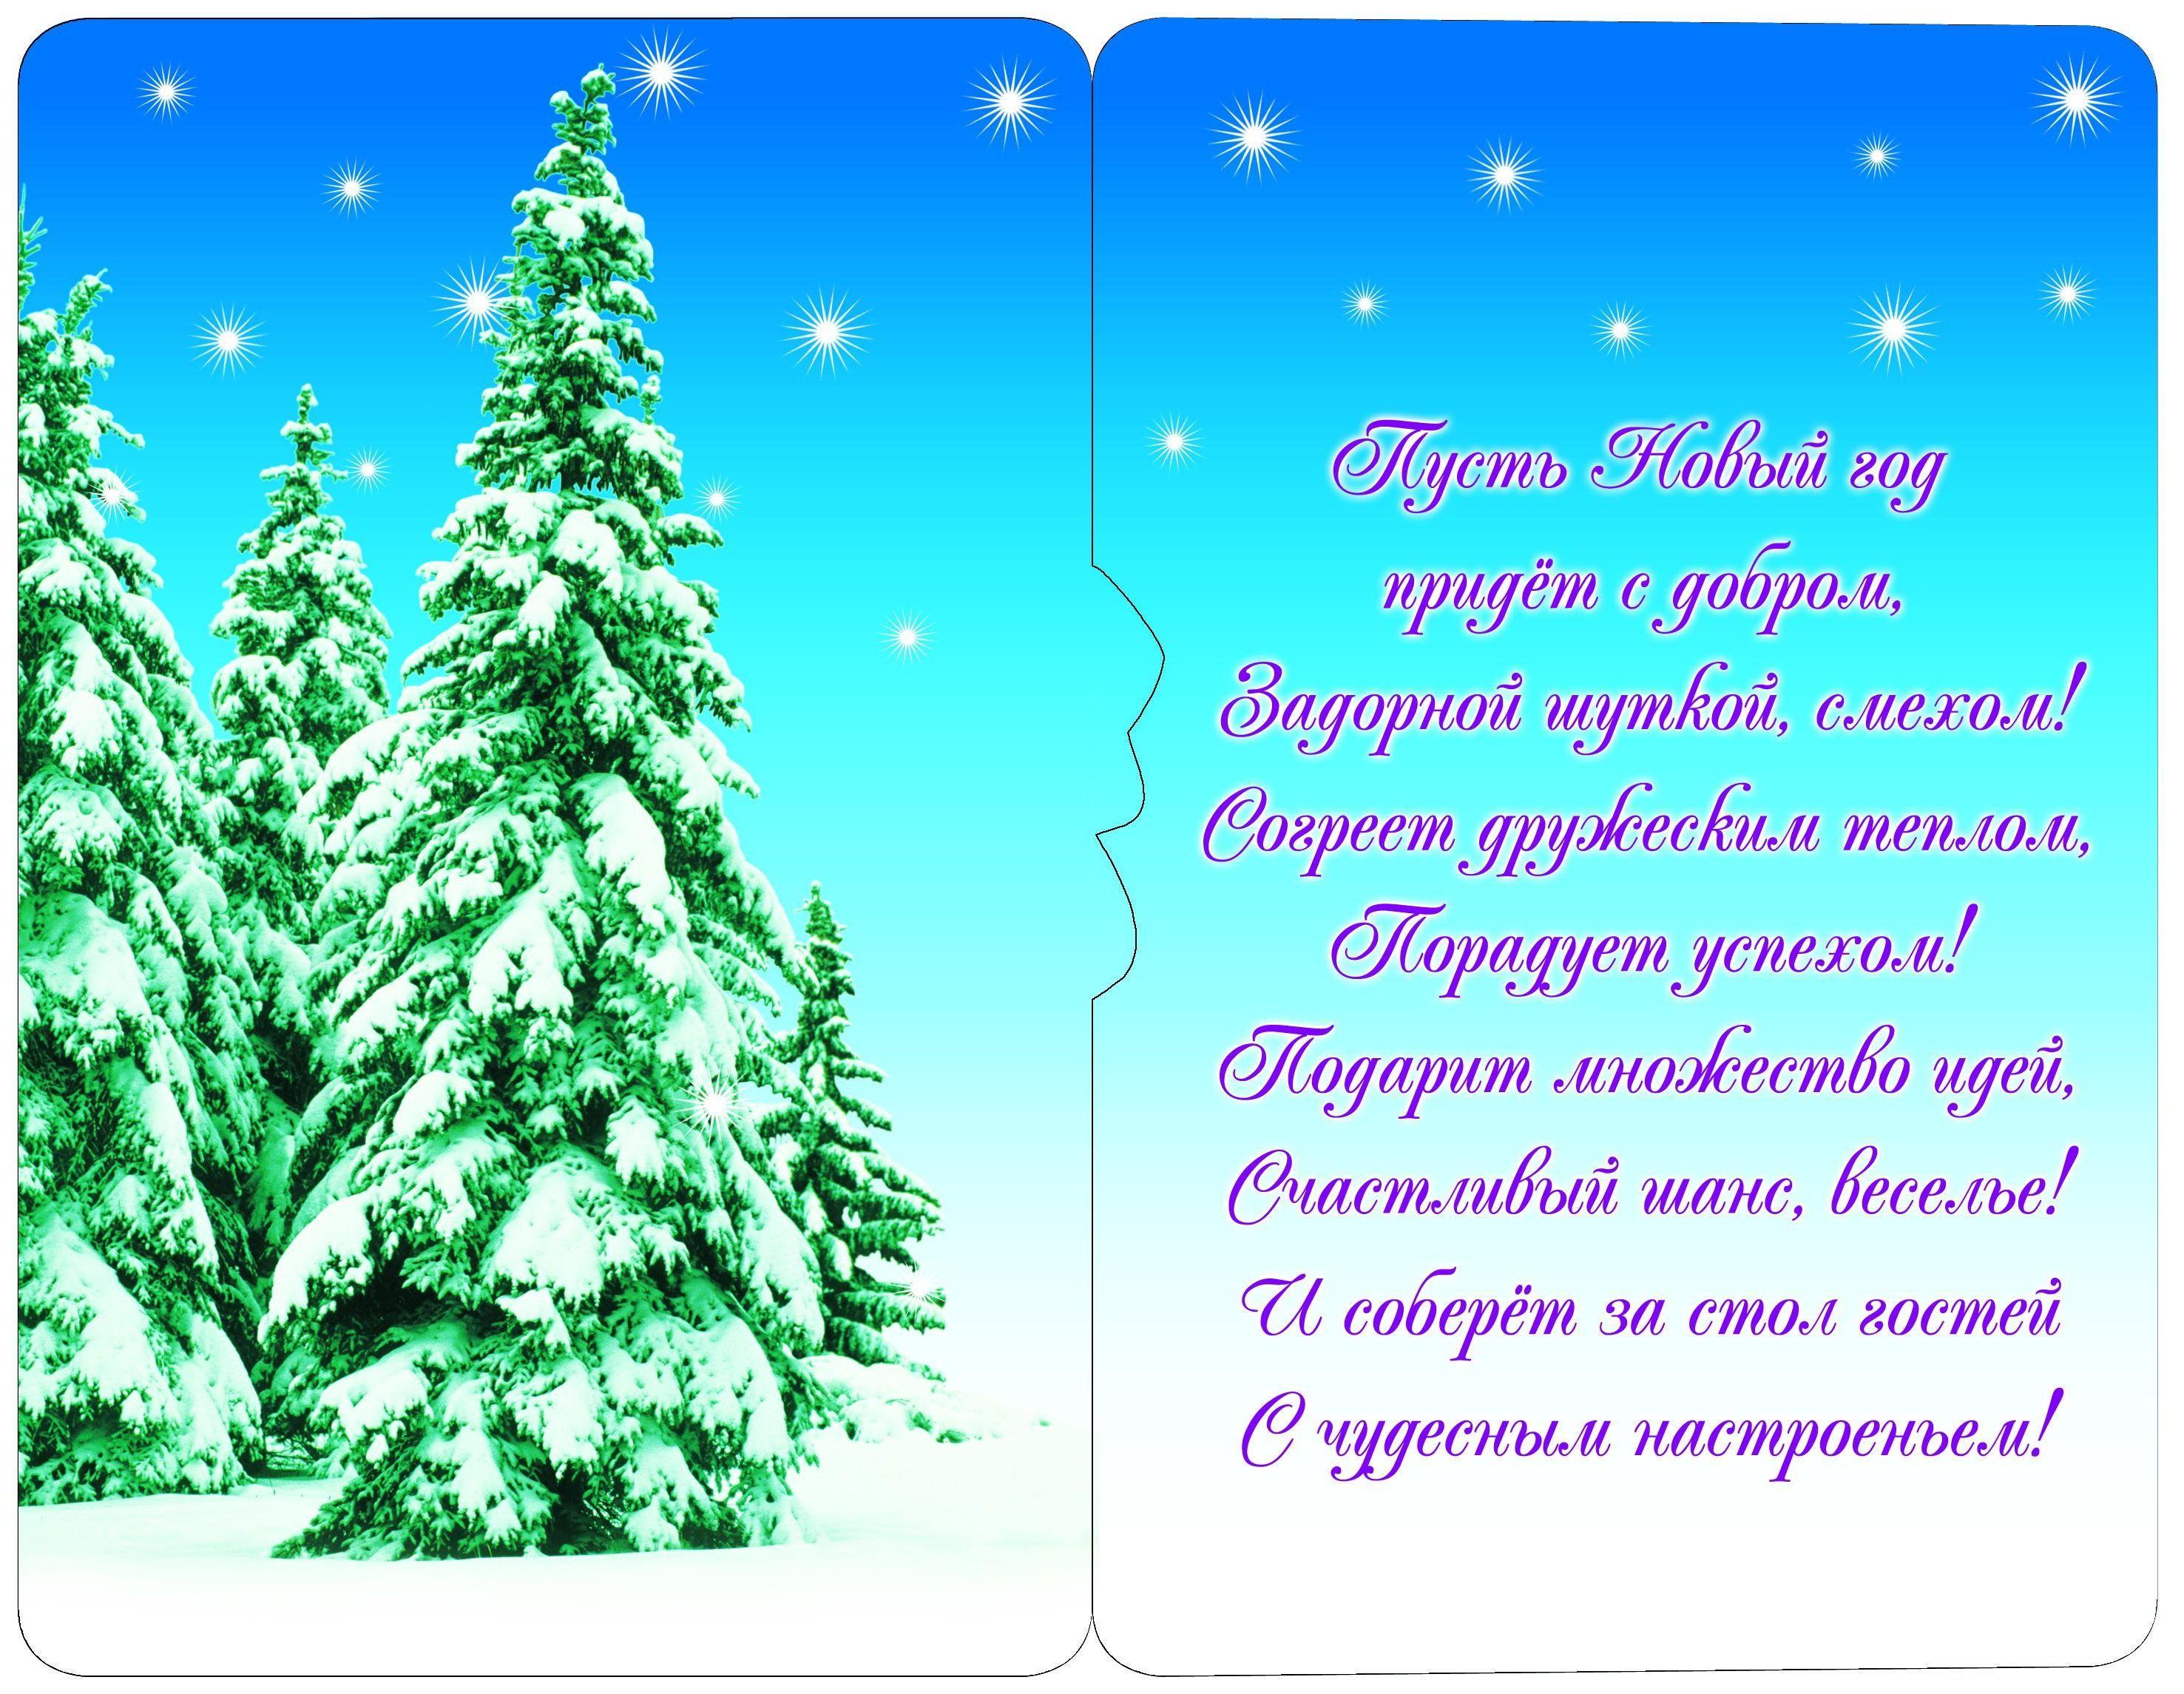 Новогодние открытки с текстами, медвежонок тедди анимашки